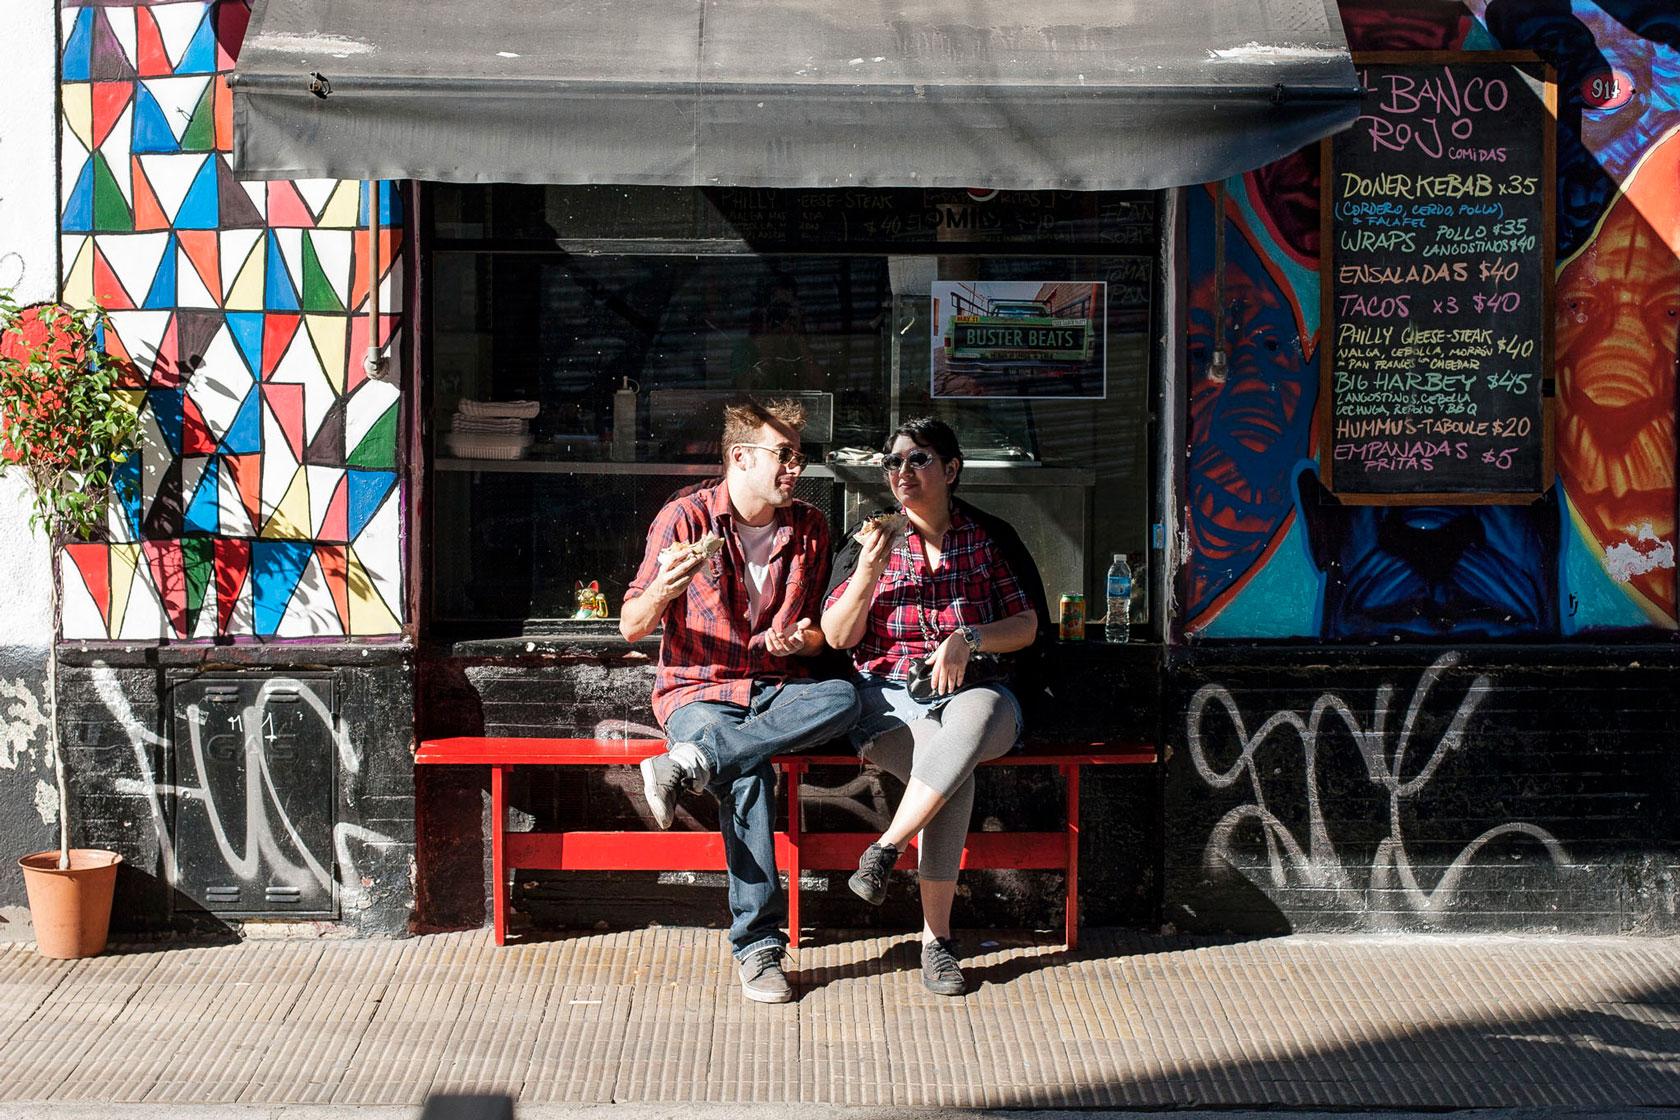 06-el-banco-rojo-San-Telmo.jpg